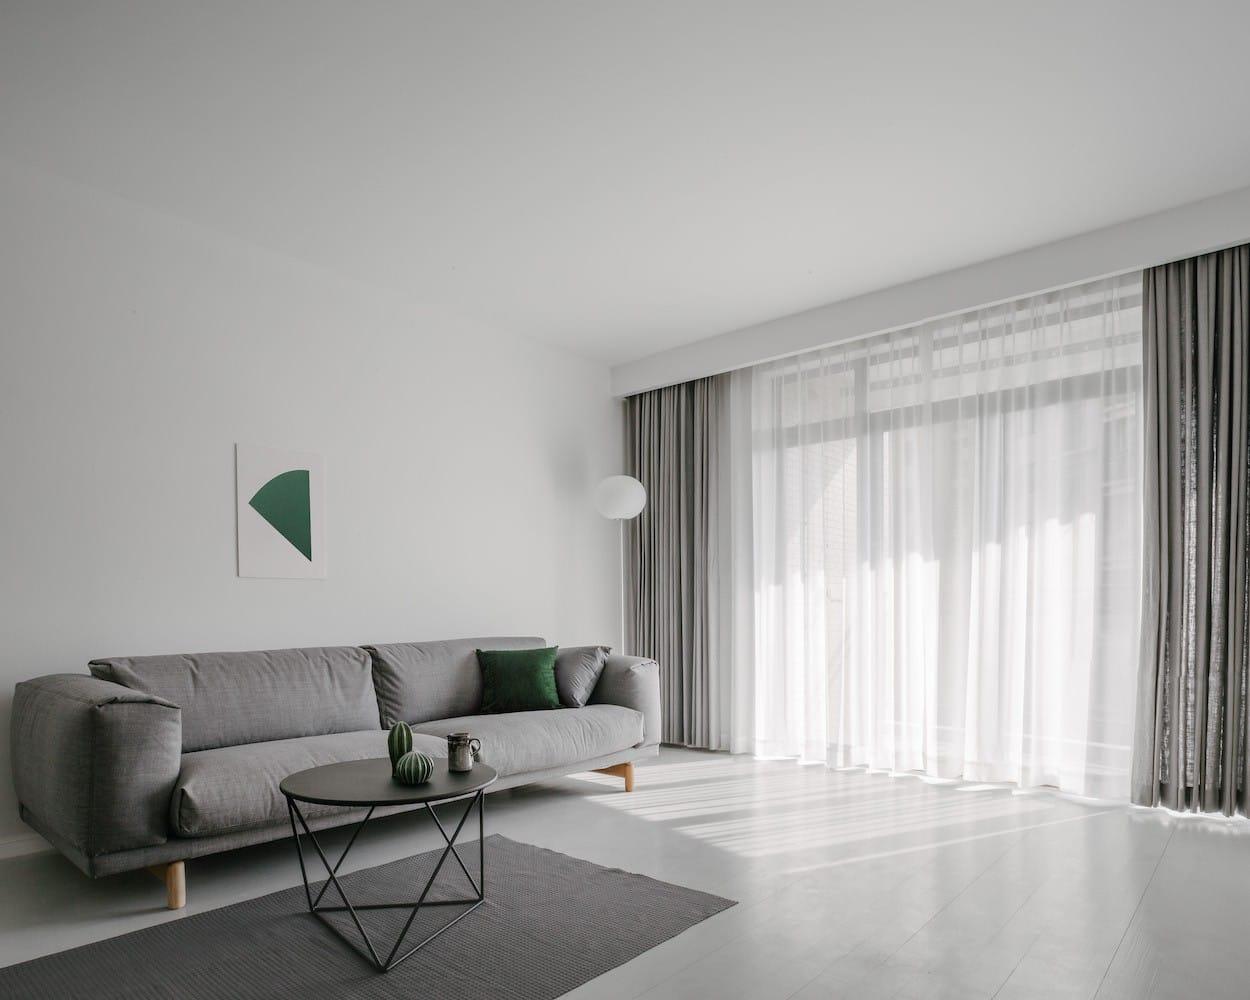 nhà tối giản yhome_officezhu_8